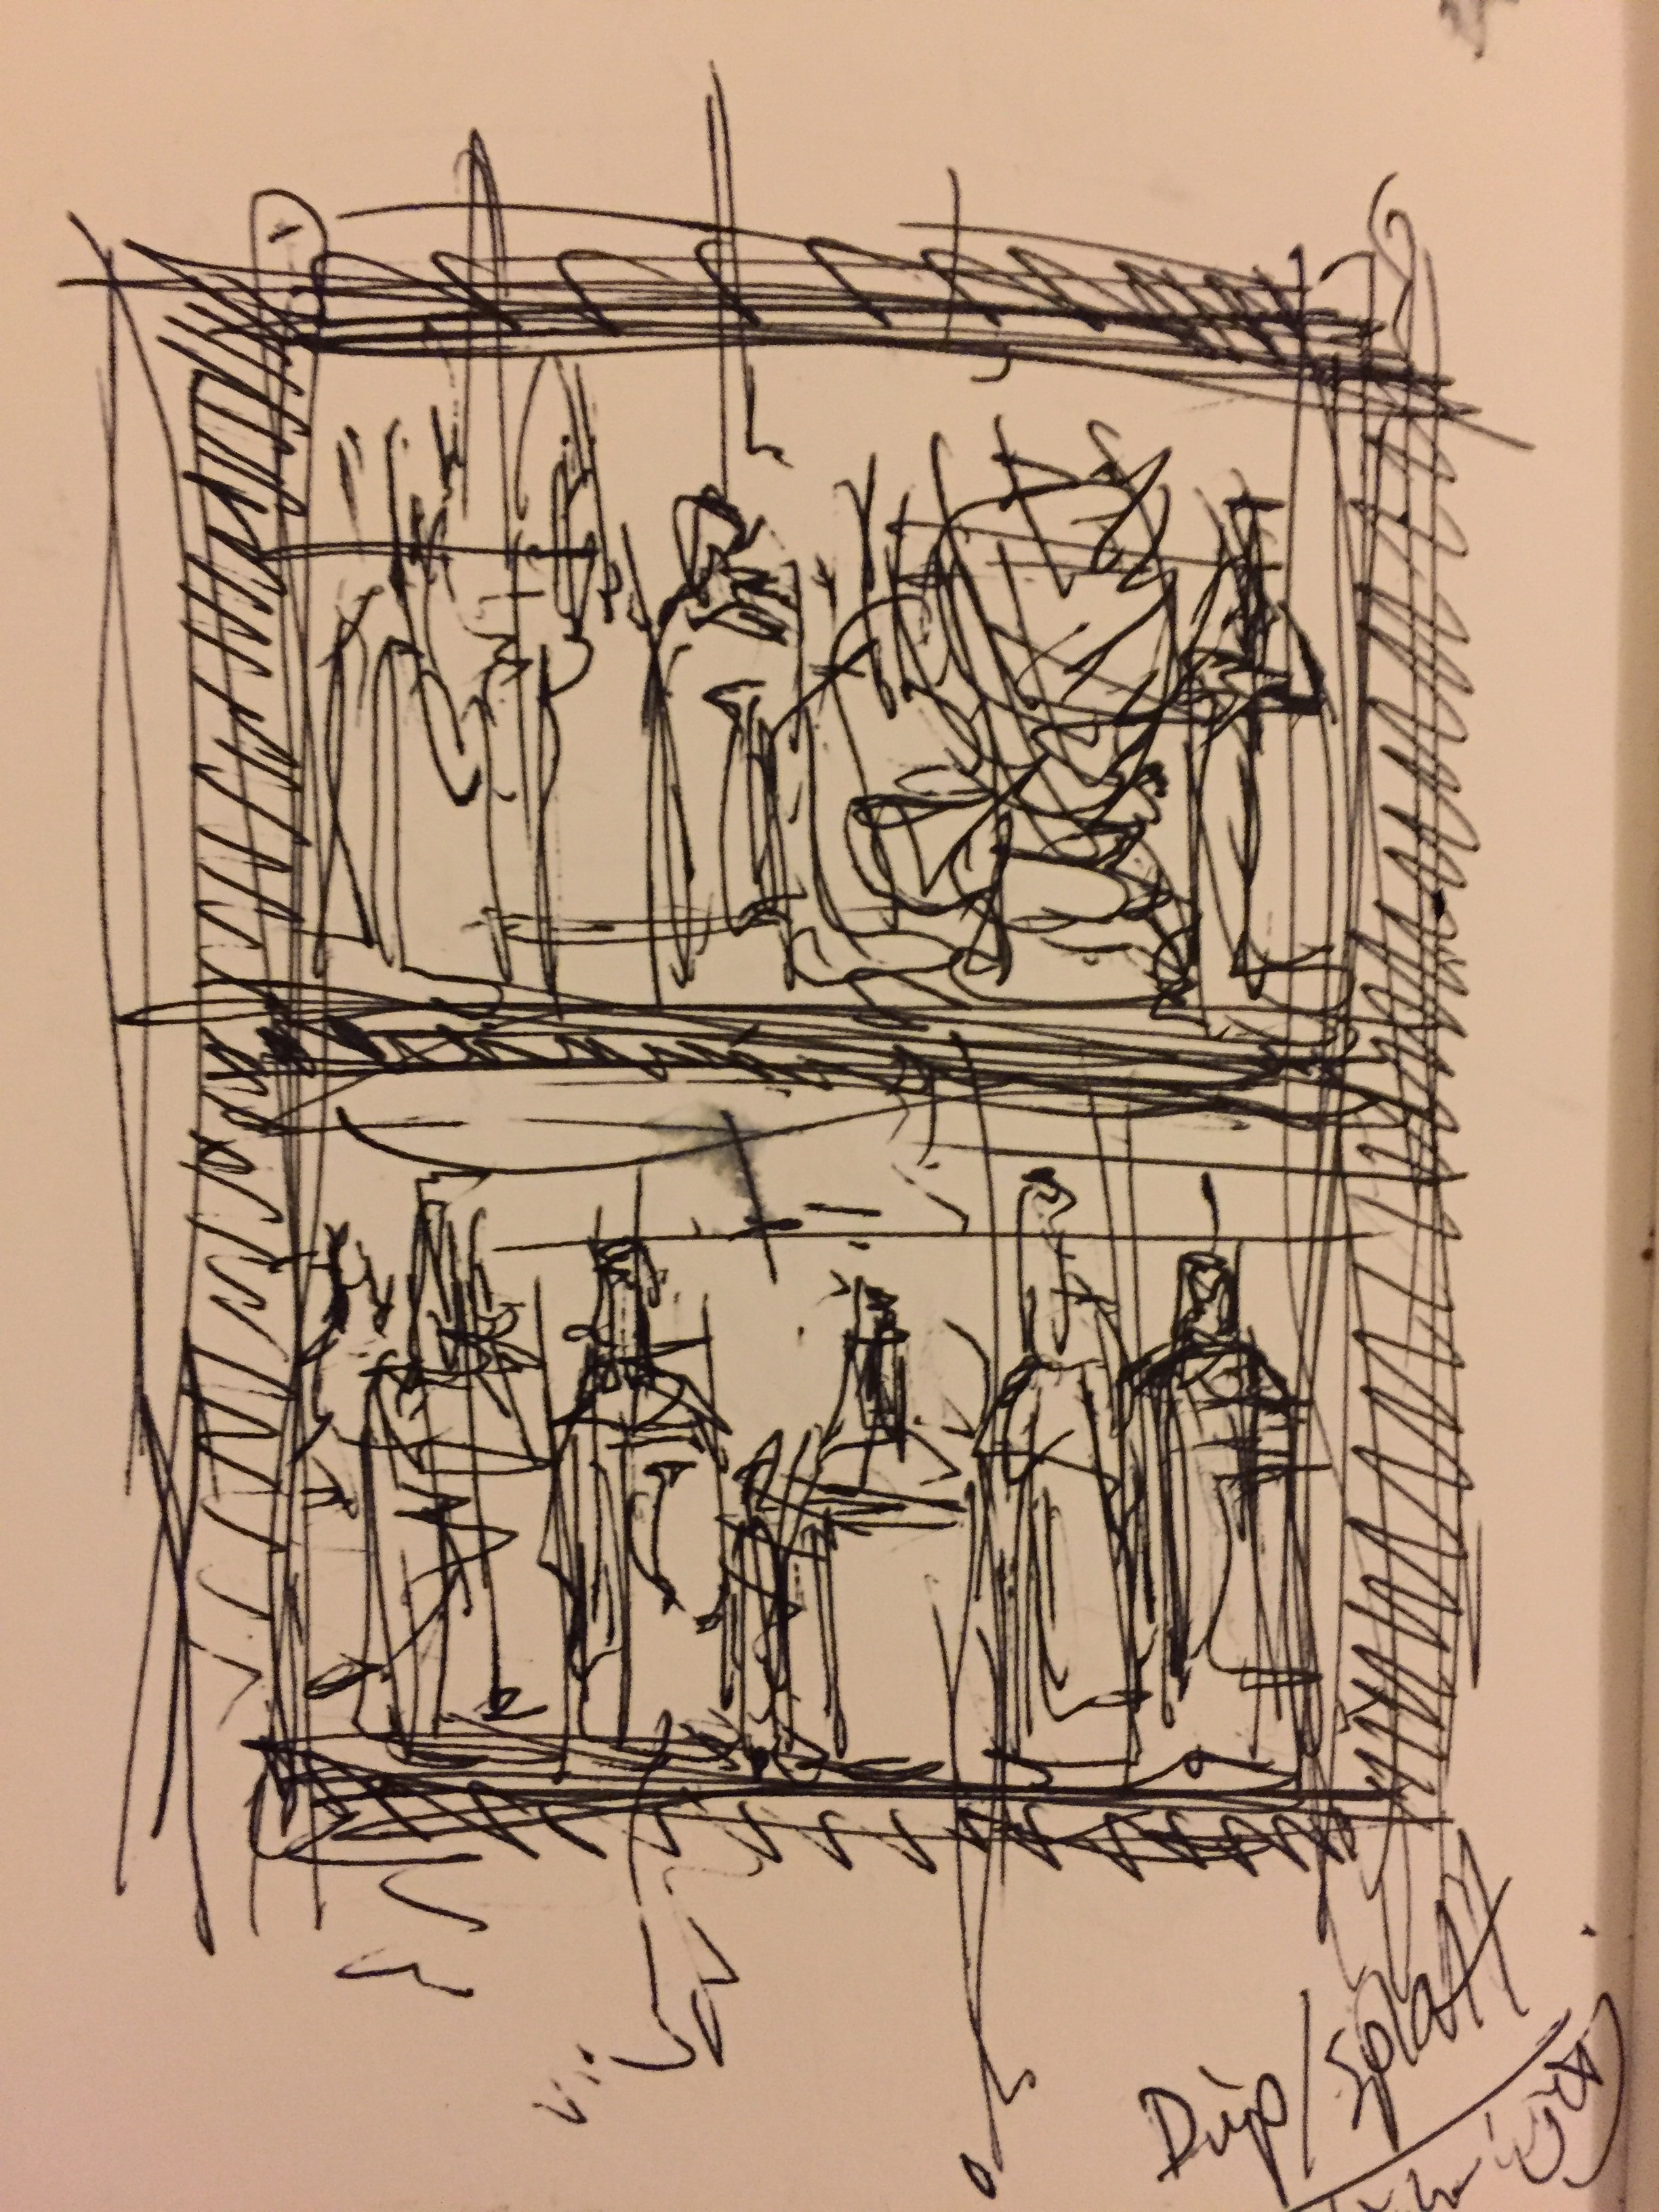 Composition sketch.